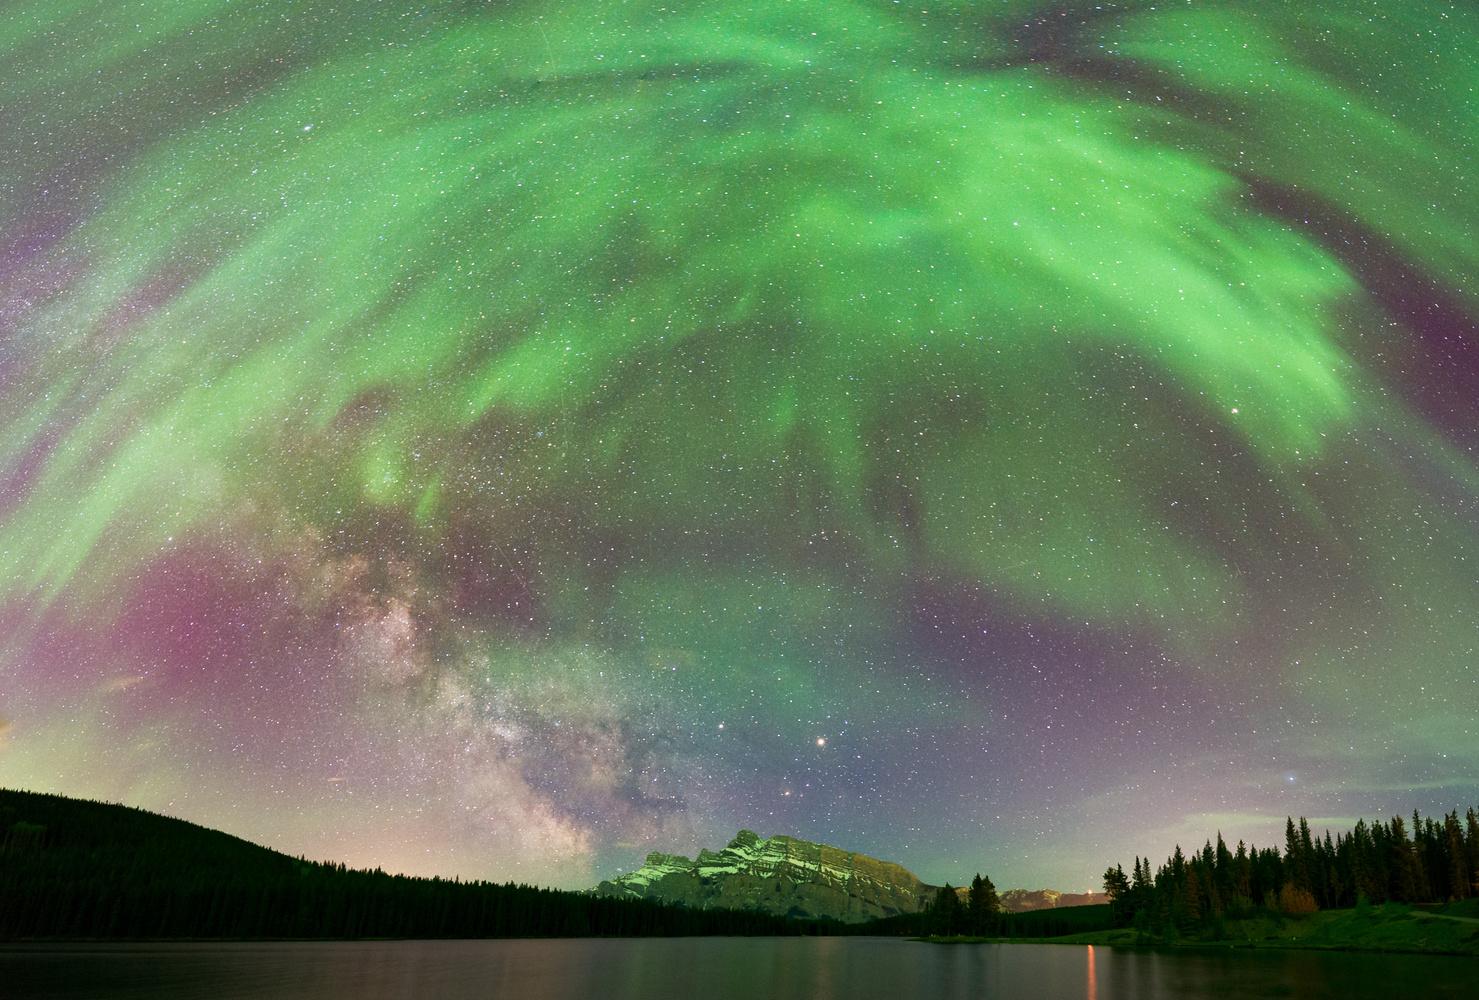 Corona and Milky Way by Monika Deviat